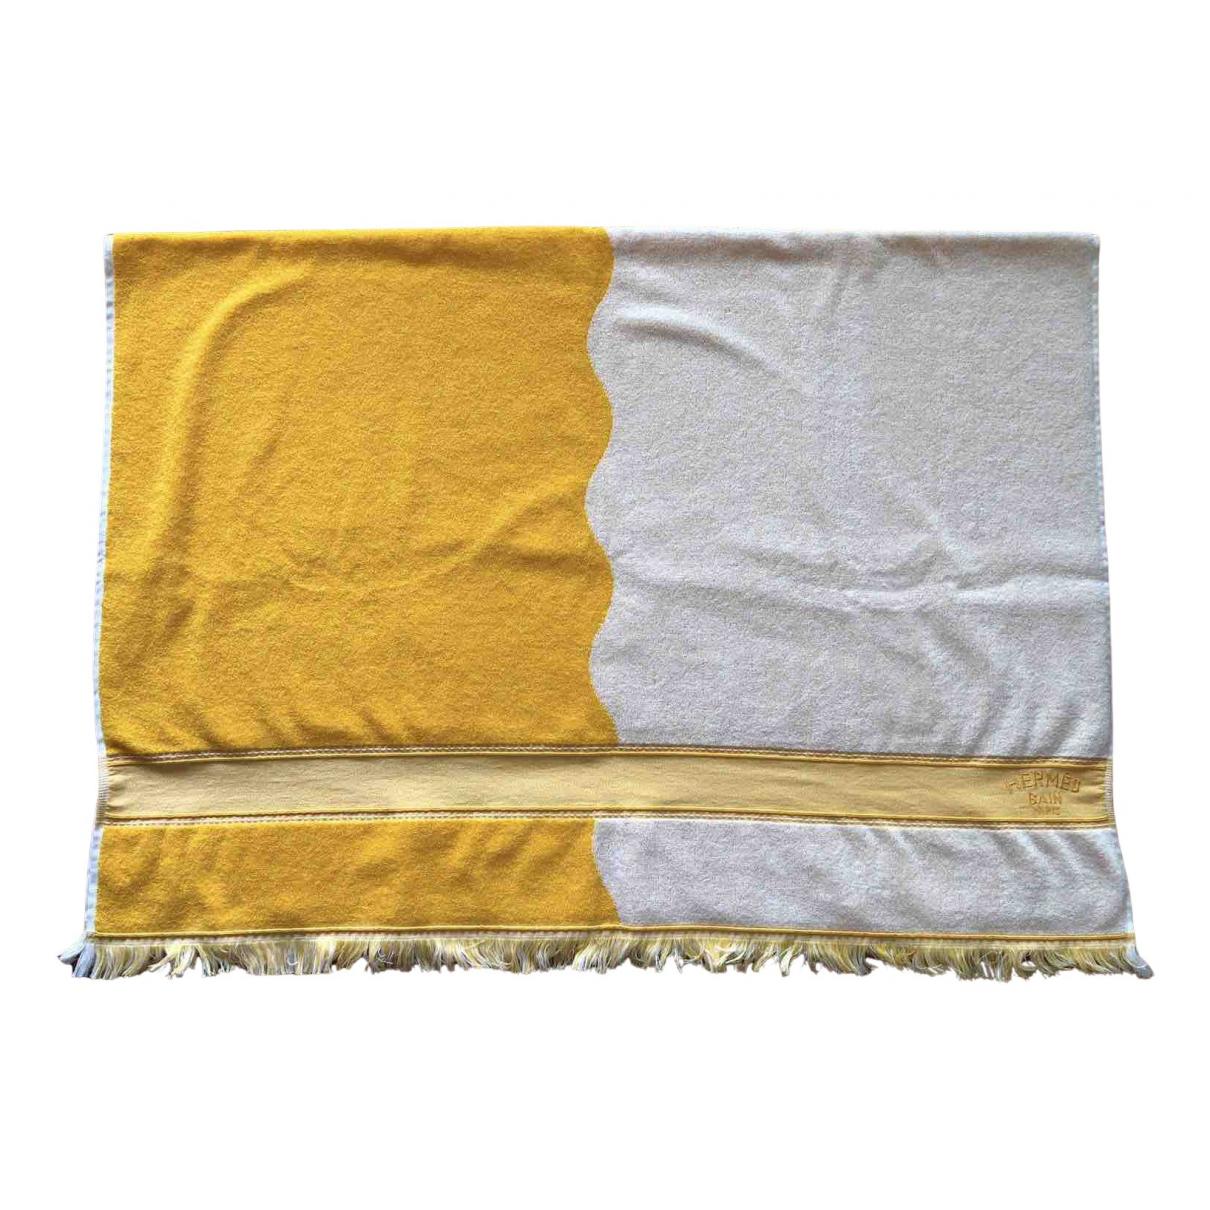 Hermes - Linge de maison   pour lifestyle en coton - jaune